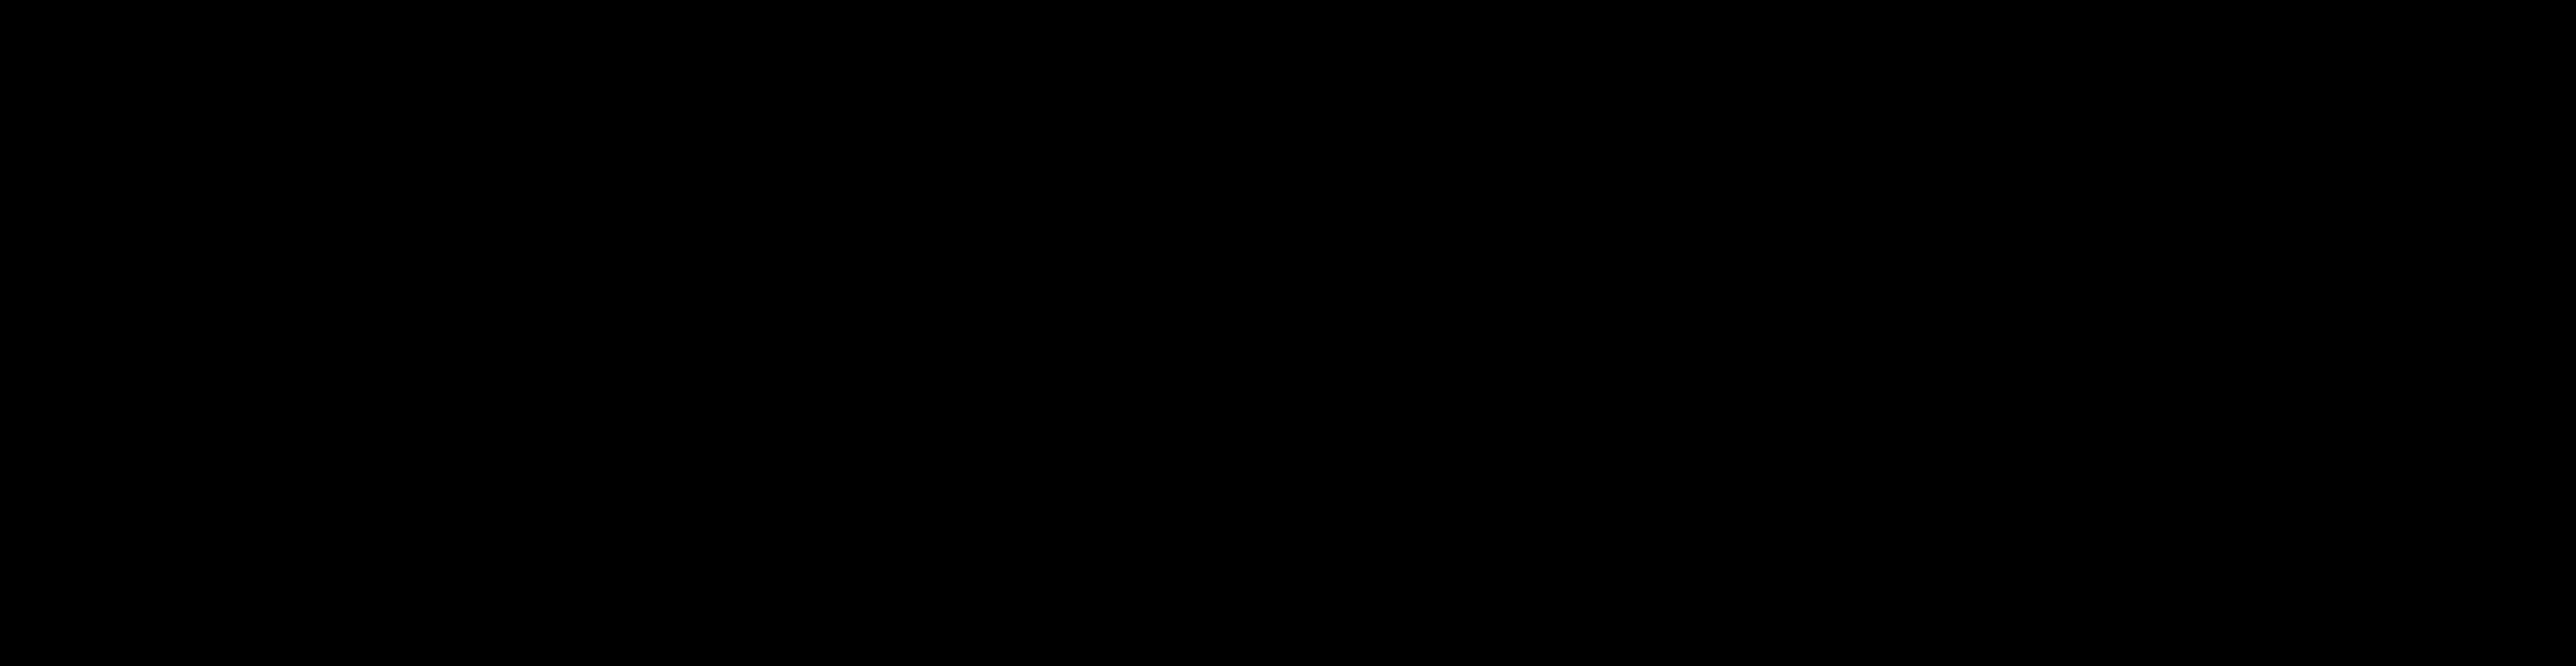 PanU Shield